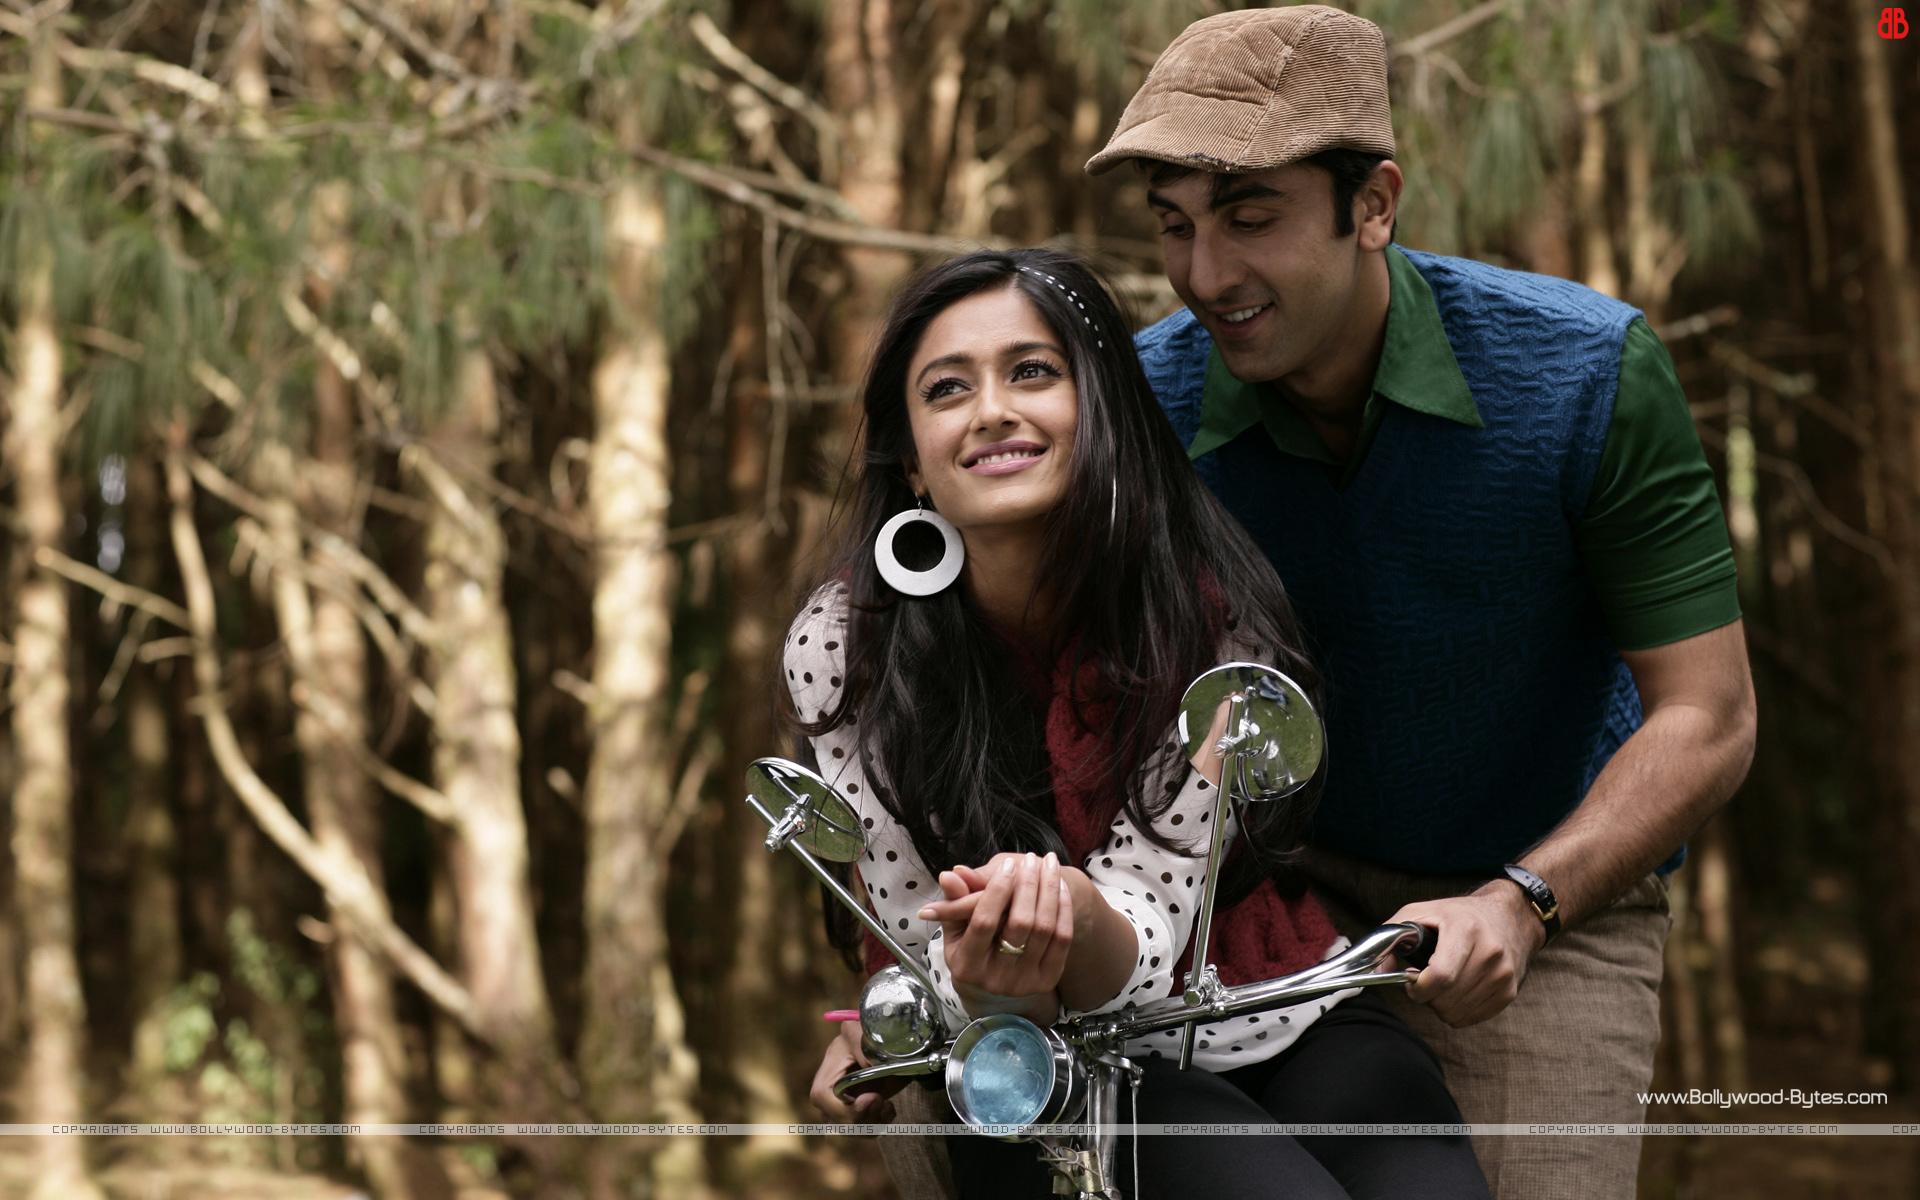 http://1.bp.blogspot.com/-An-VkBxAXCU/UFDsW4U_Y1I/AAAAAAAAO8Q/svw_PxOMJEI/s1920/Barfi!-+Starring-Hot-Ranbir-Kapoor-Ileana-D\'Cruz-HD-Wallpaper-02.jpg